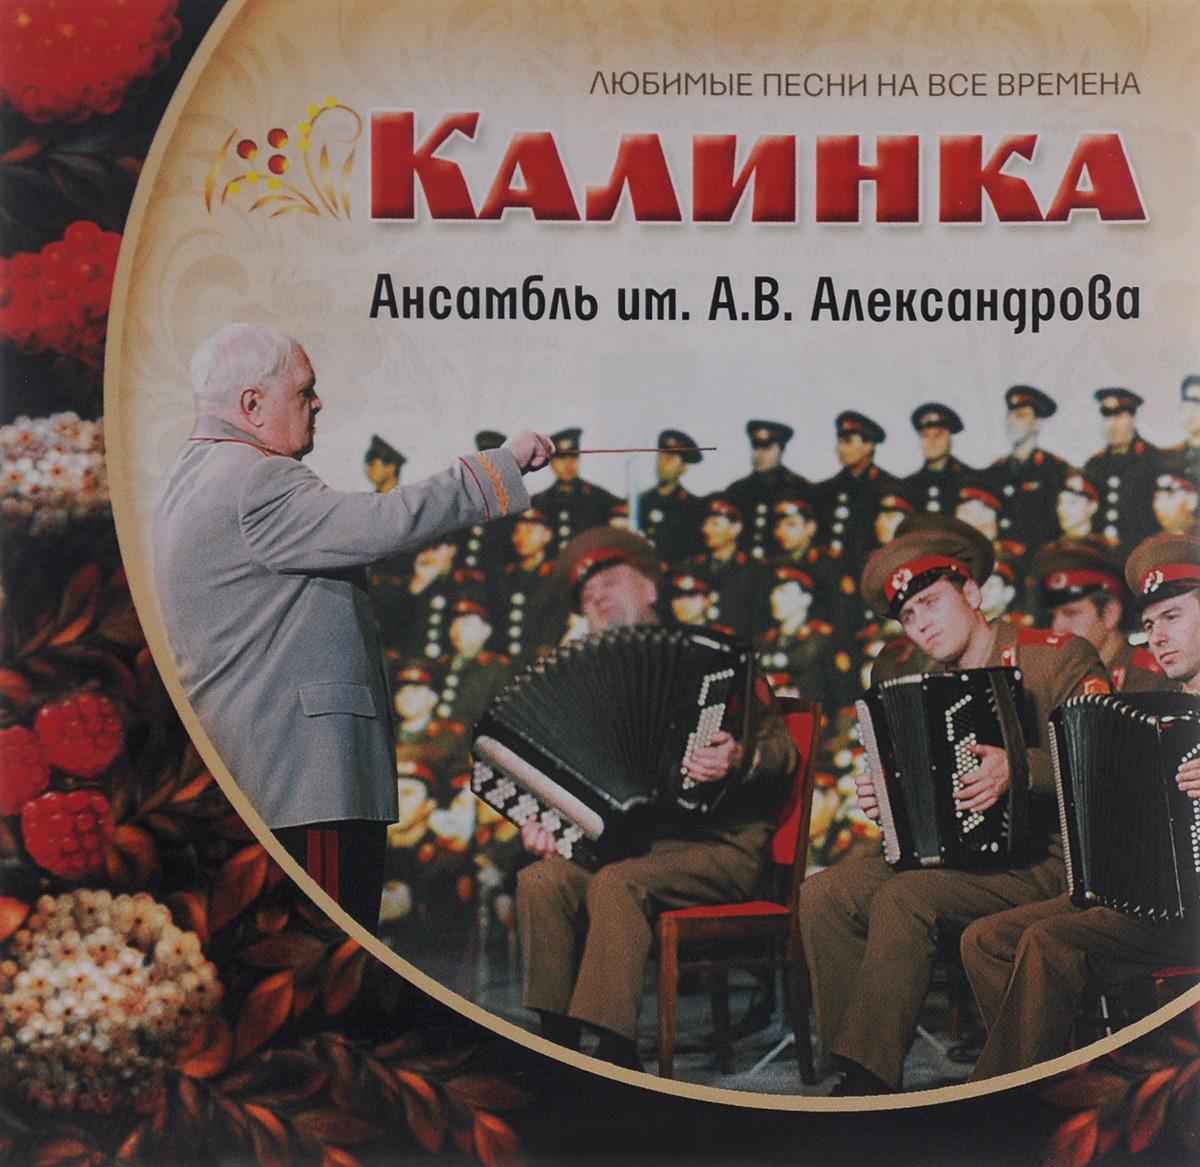 К изданию прилагается 4-страничный вкладыш с дополнительной информацией на русском языке.